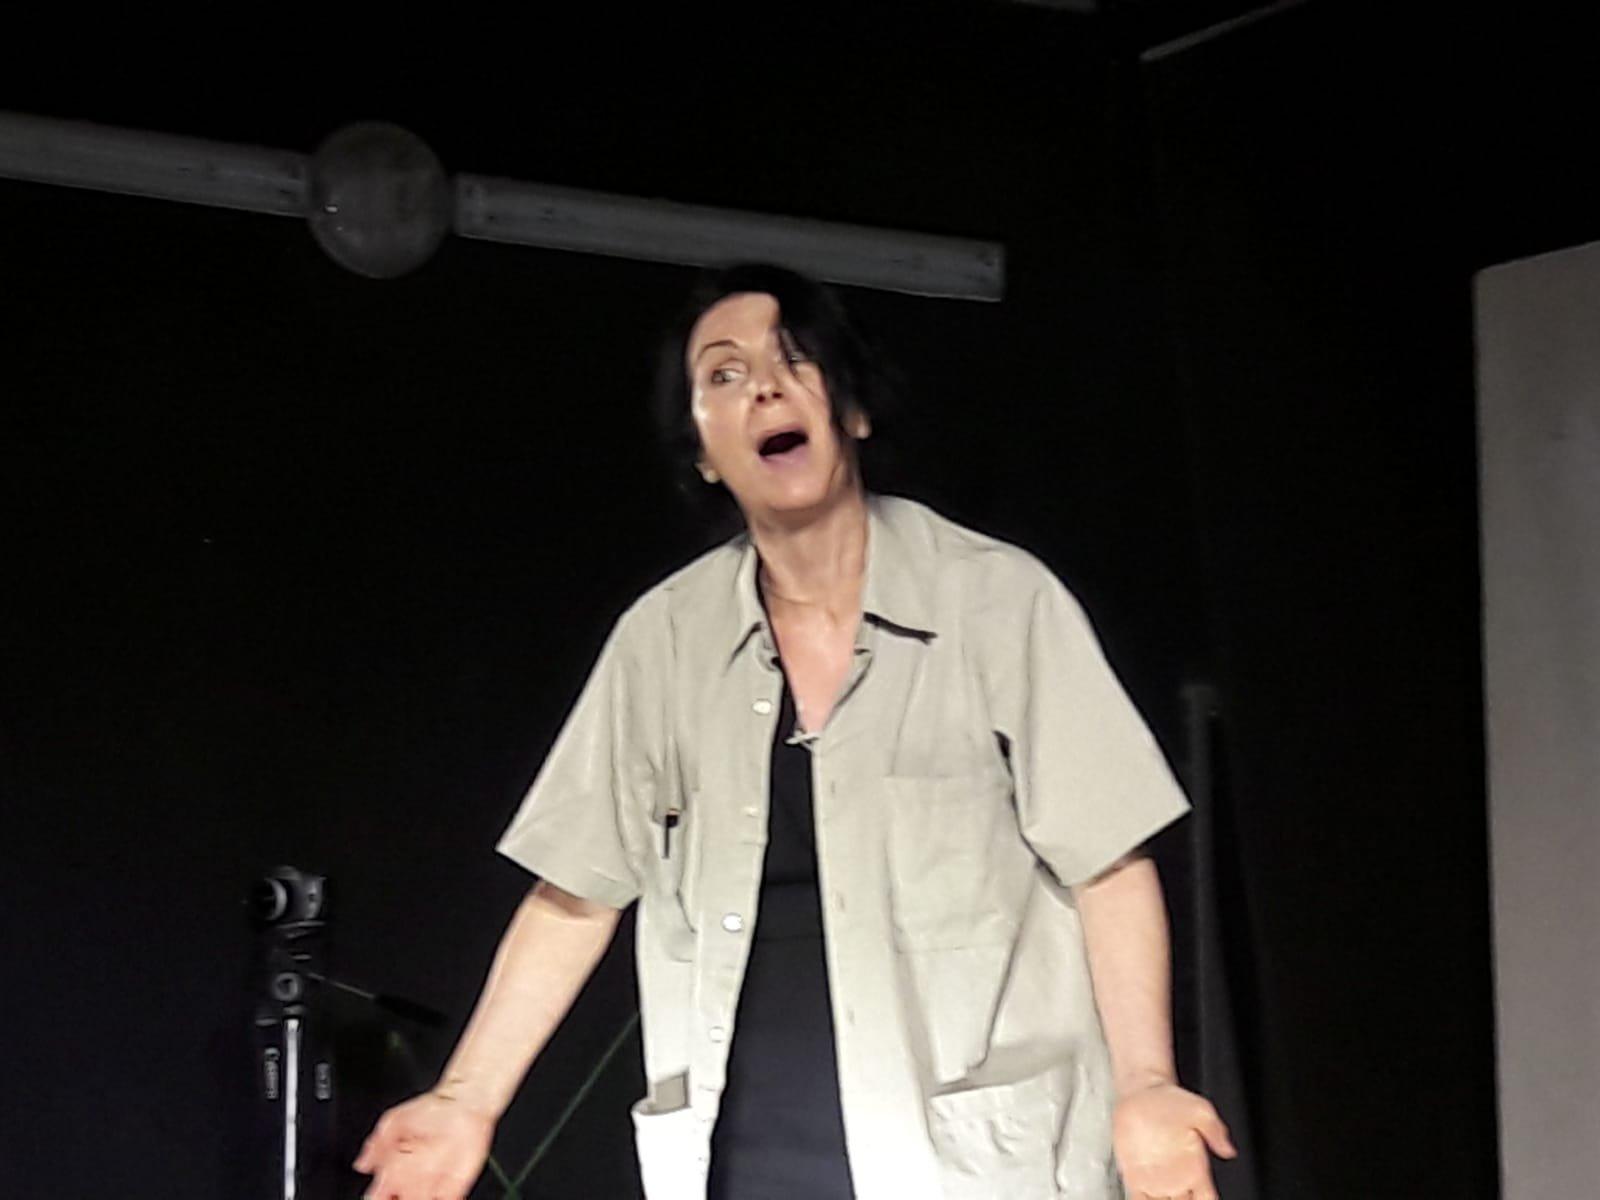 نجاح باهر لمسرحية ماتت سعدة في الجماهيري اللقية